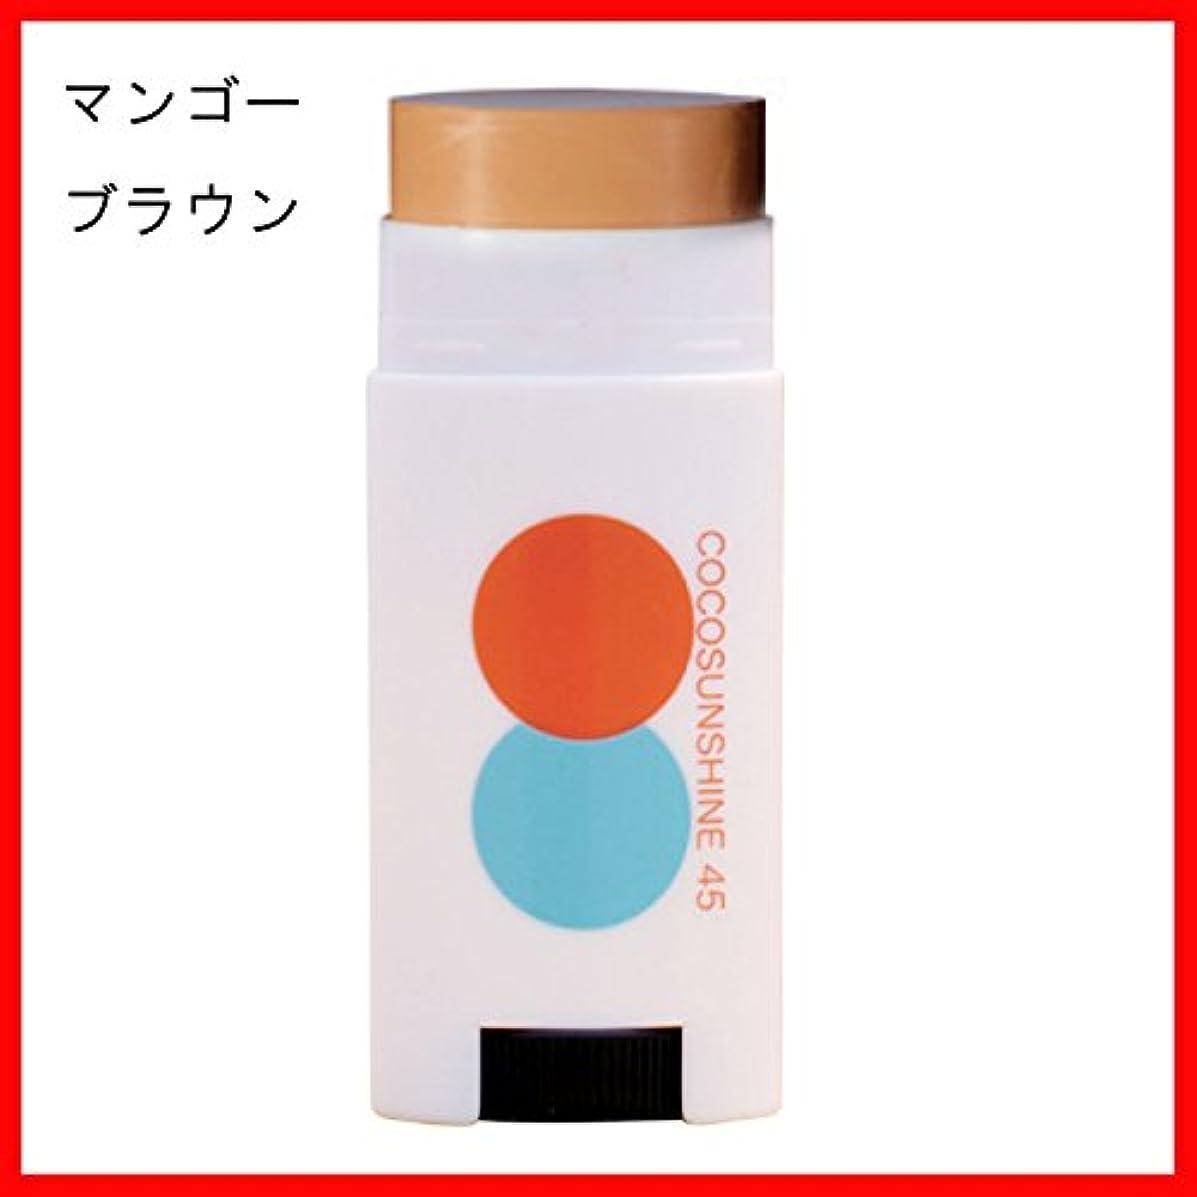 リアル窒素大理石COCOSUNSHINE(ココサンシャイン) フェイス スティック UV FACE STICK